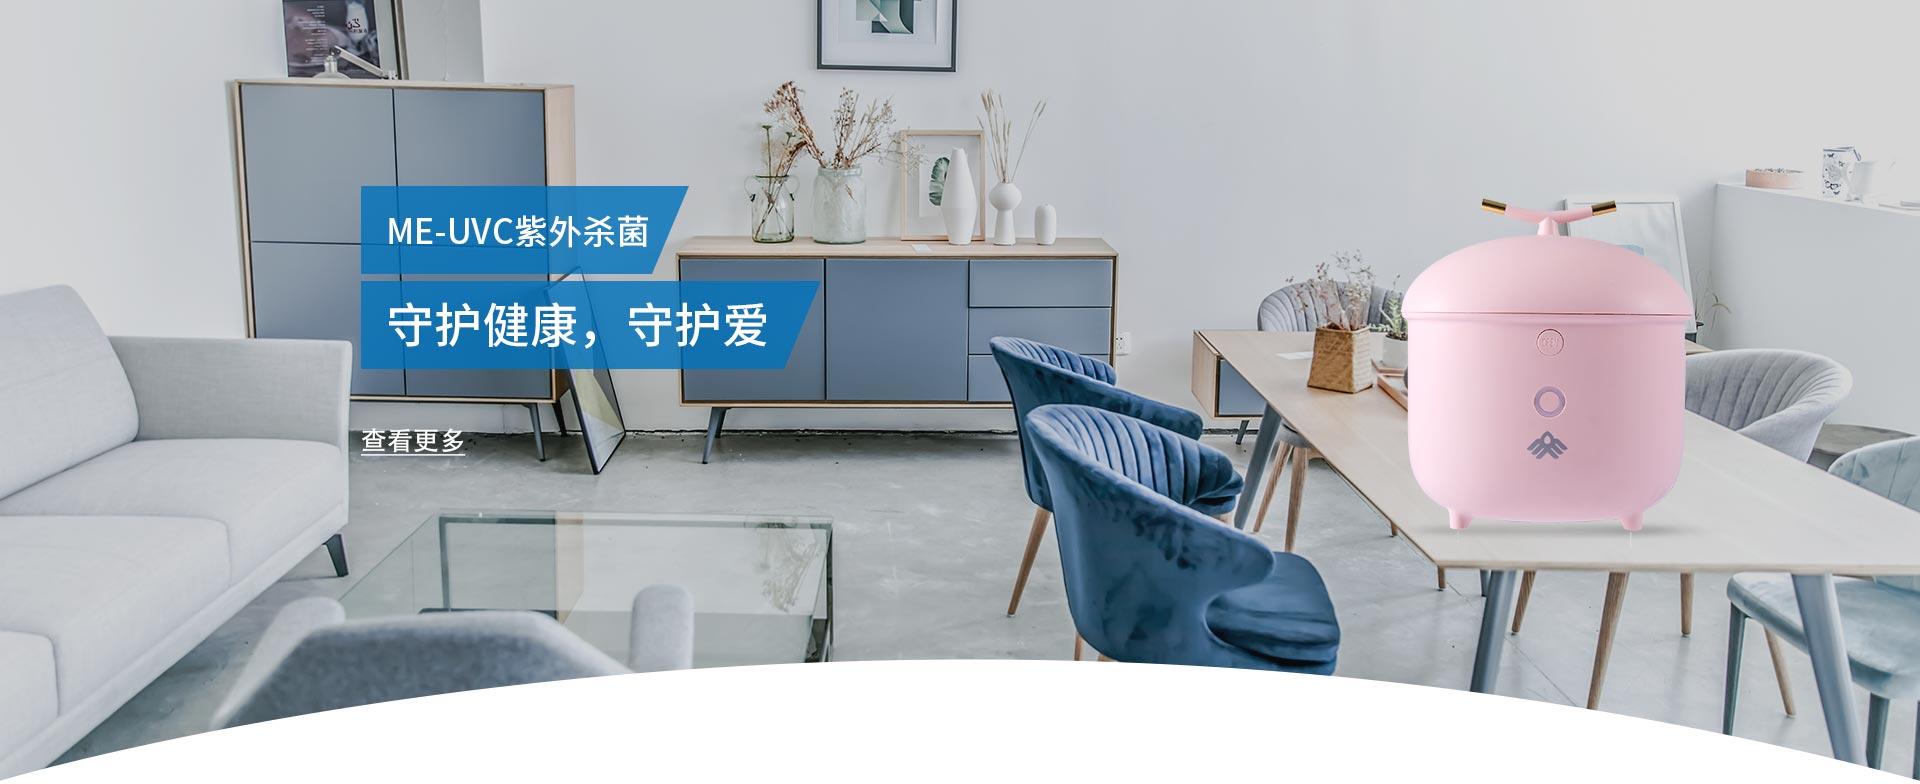 金杲易光电科技(深圳)有限公司